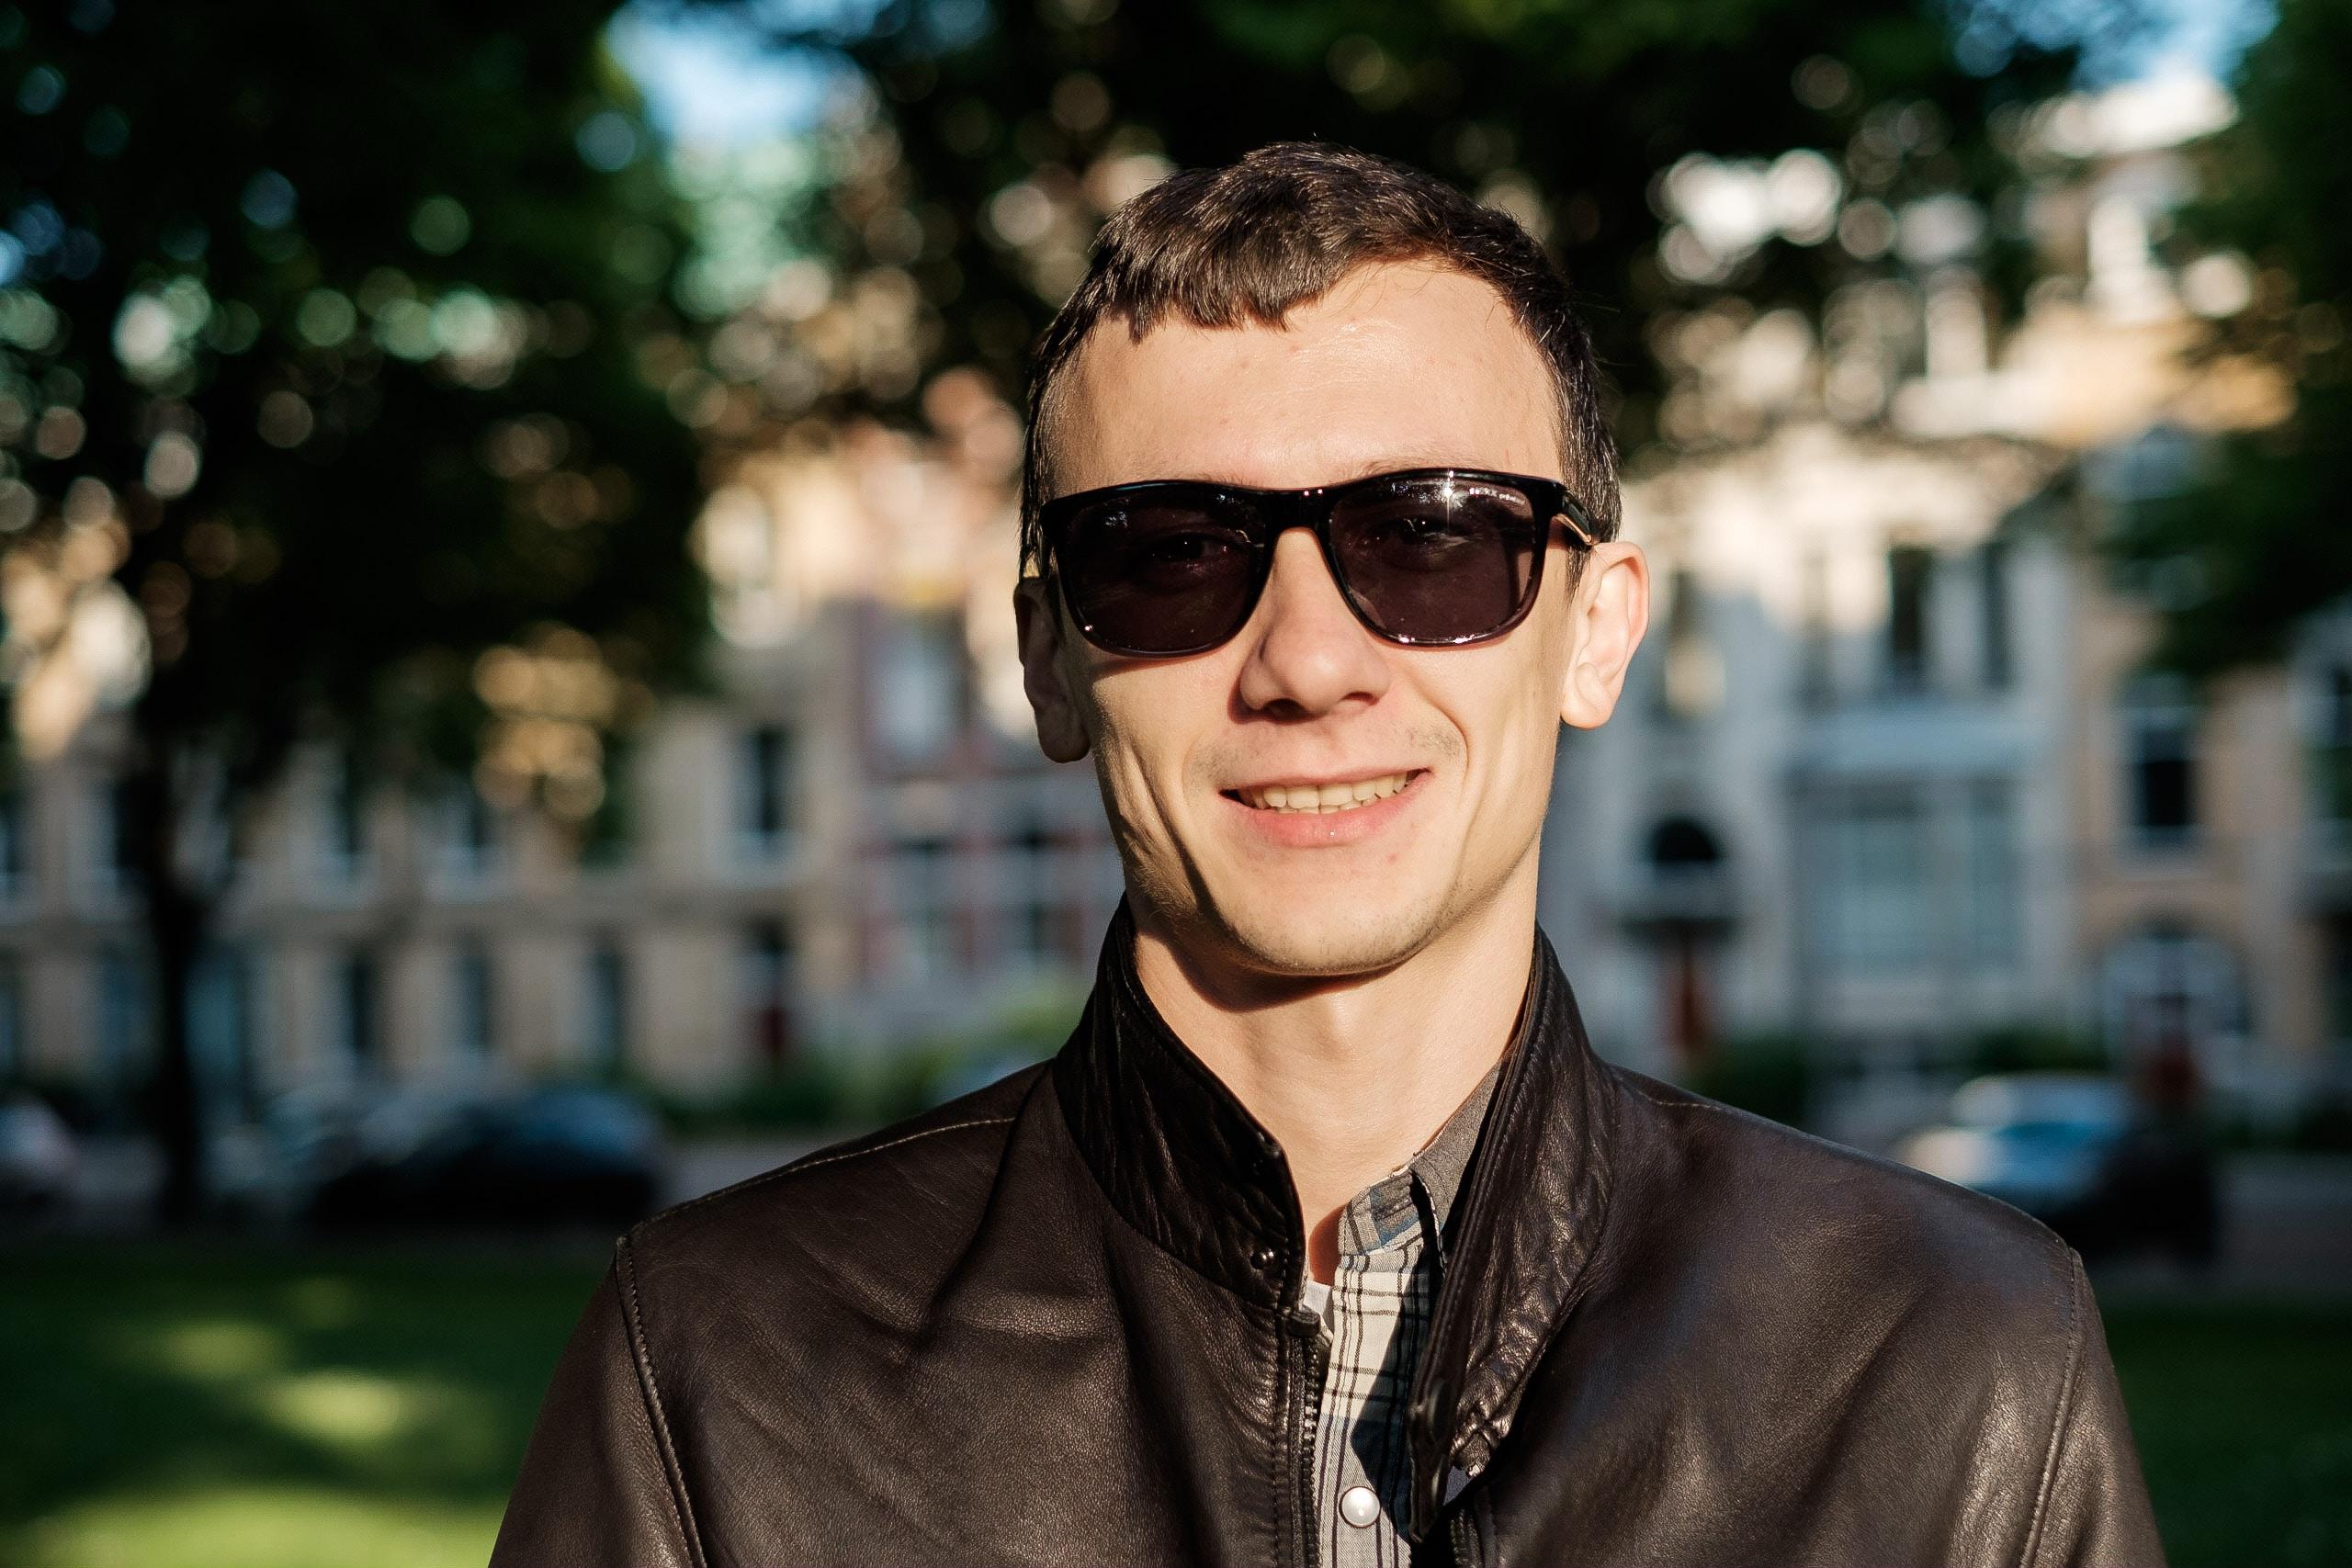 Go to Alexey Shikov's profile